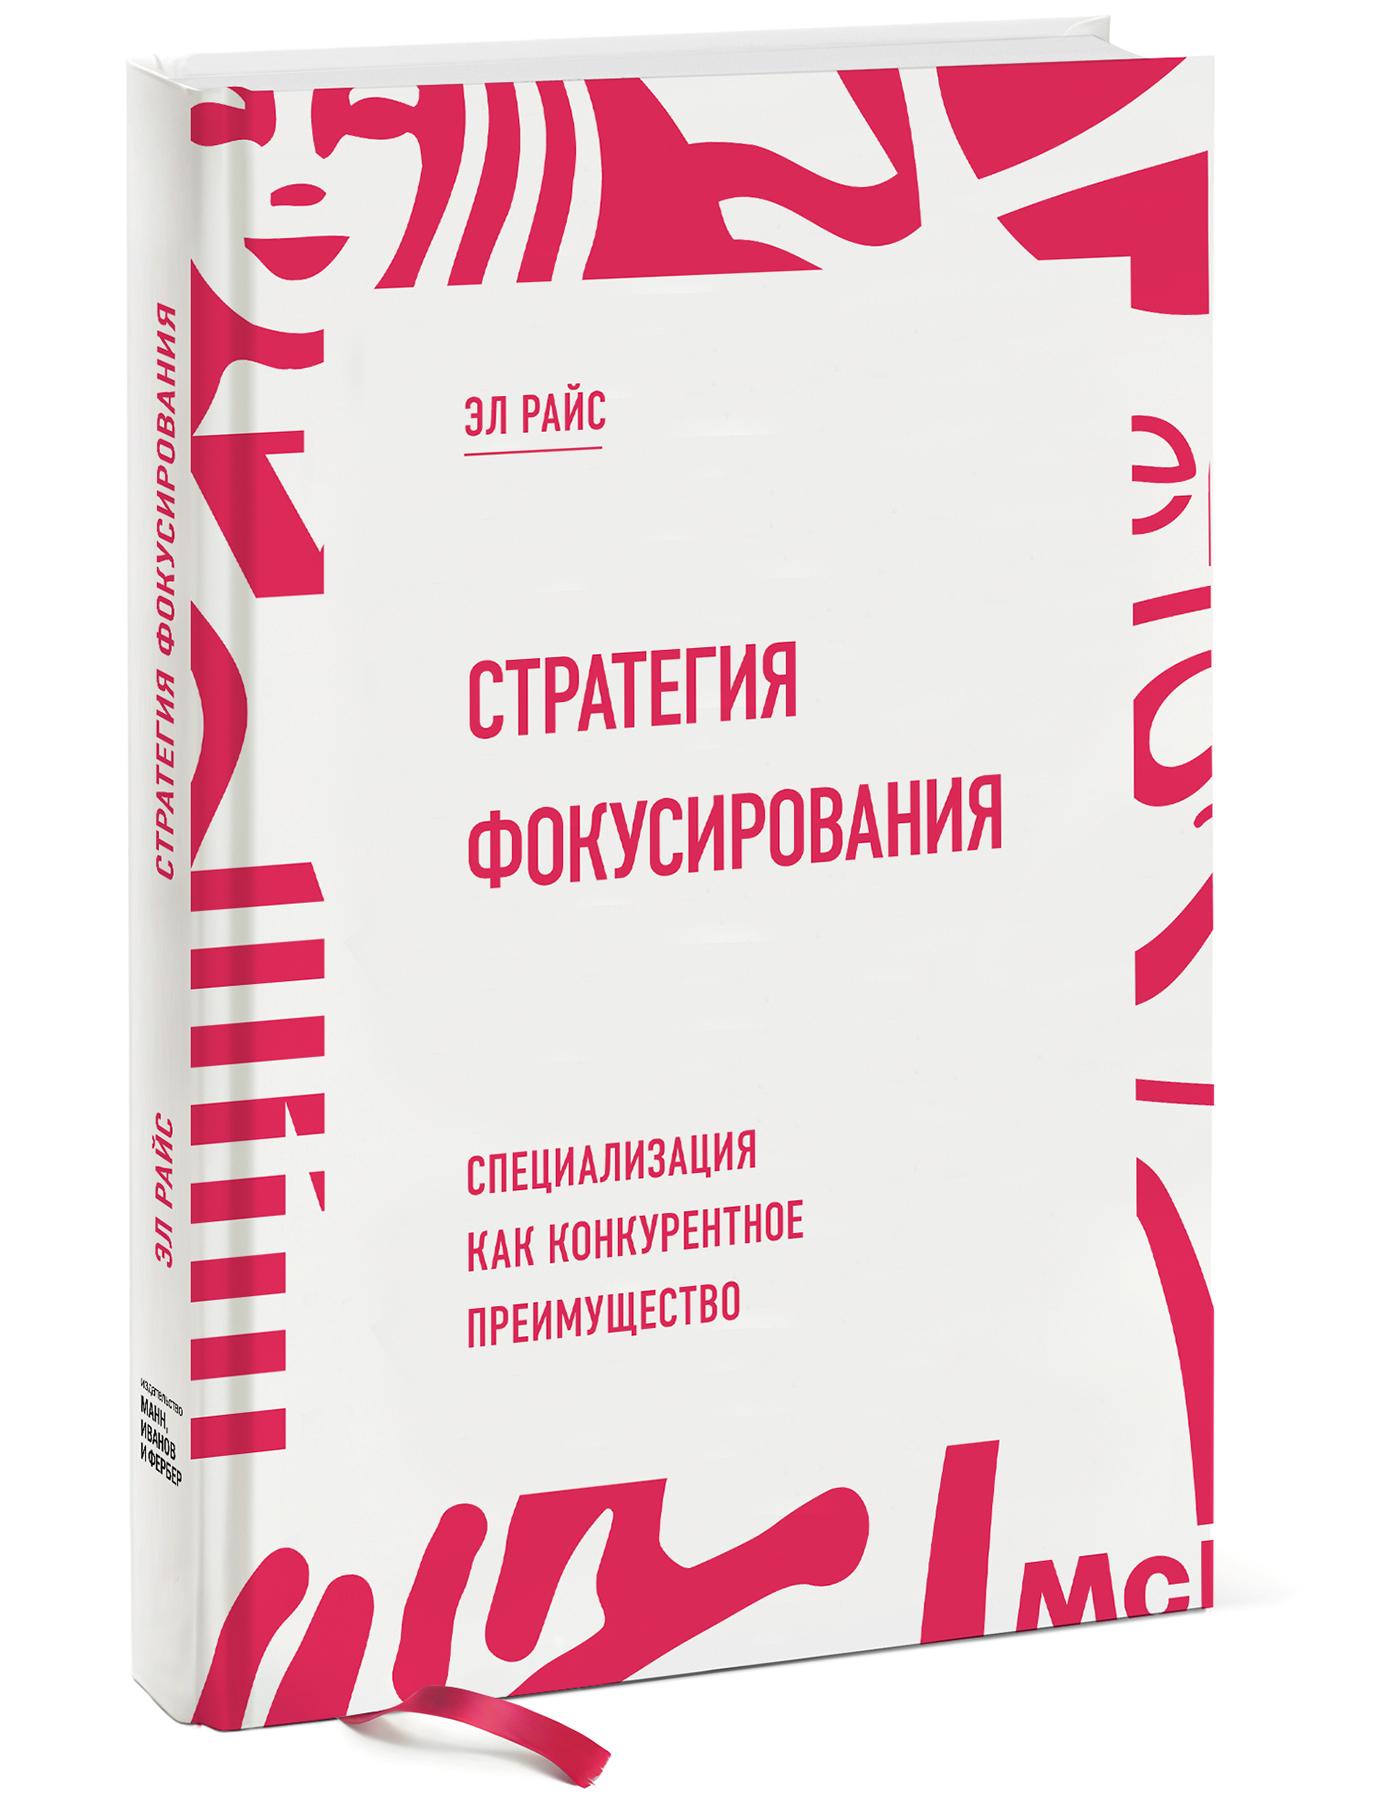 Эл Райс Стратегия фокусирования. Специализация как конкурентное преимущество ISBN: 978-5-00057-190-3